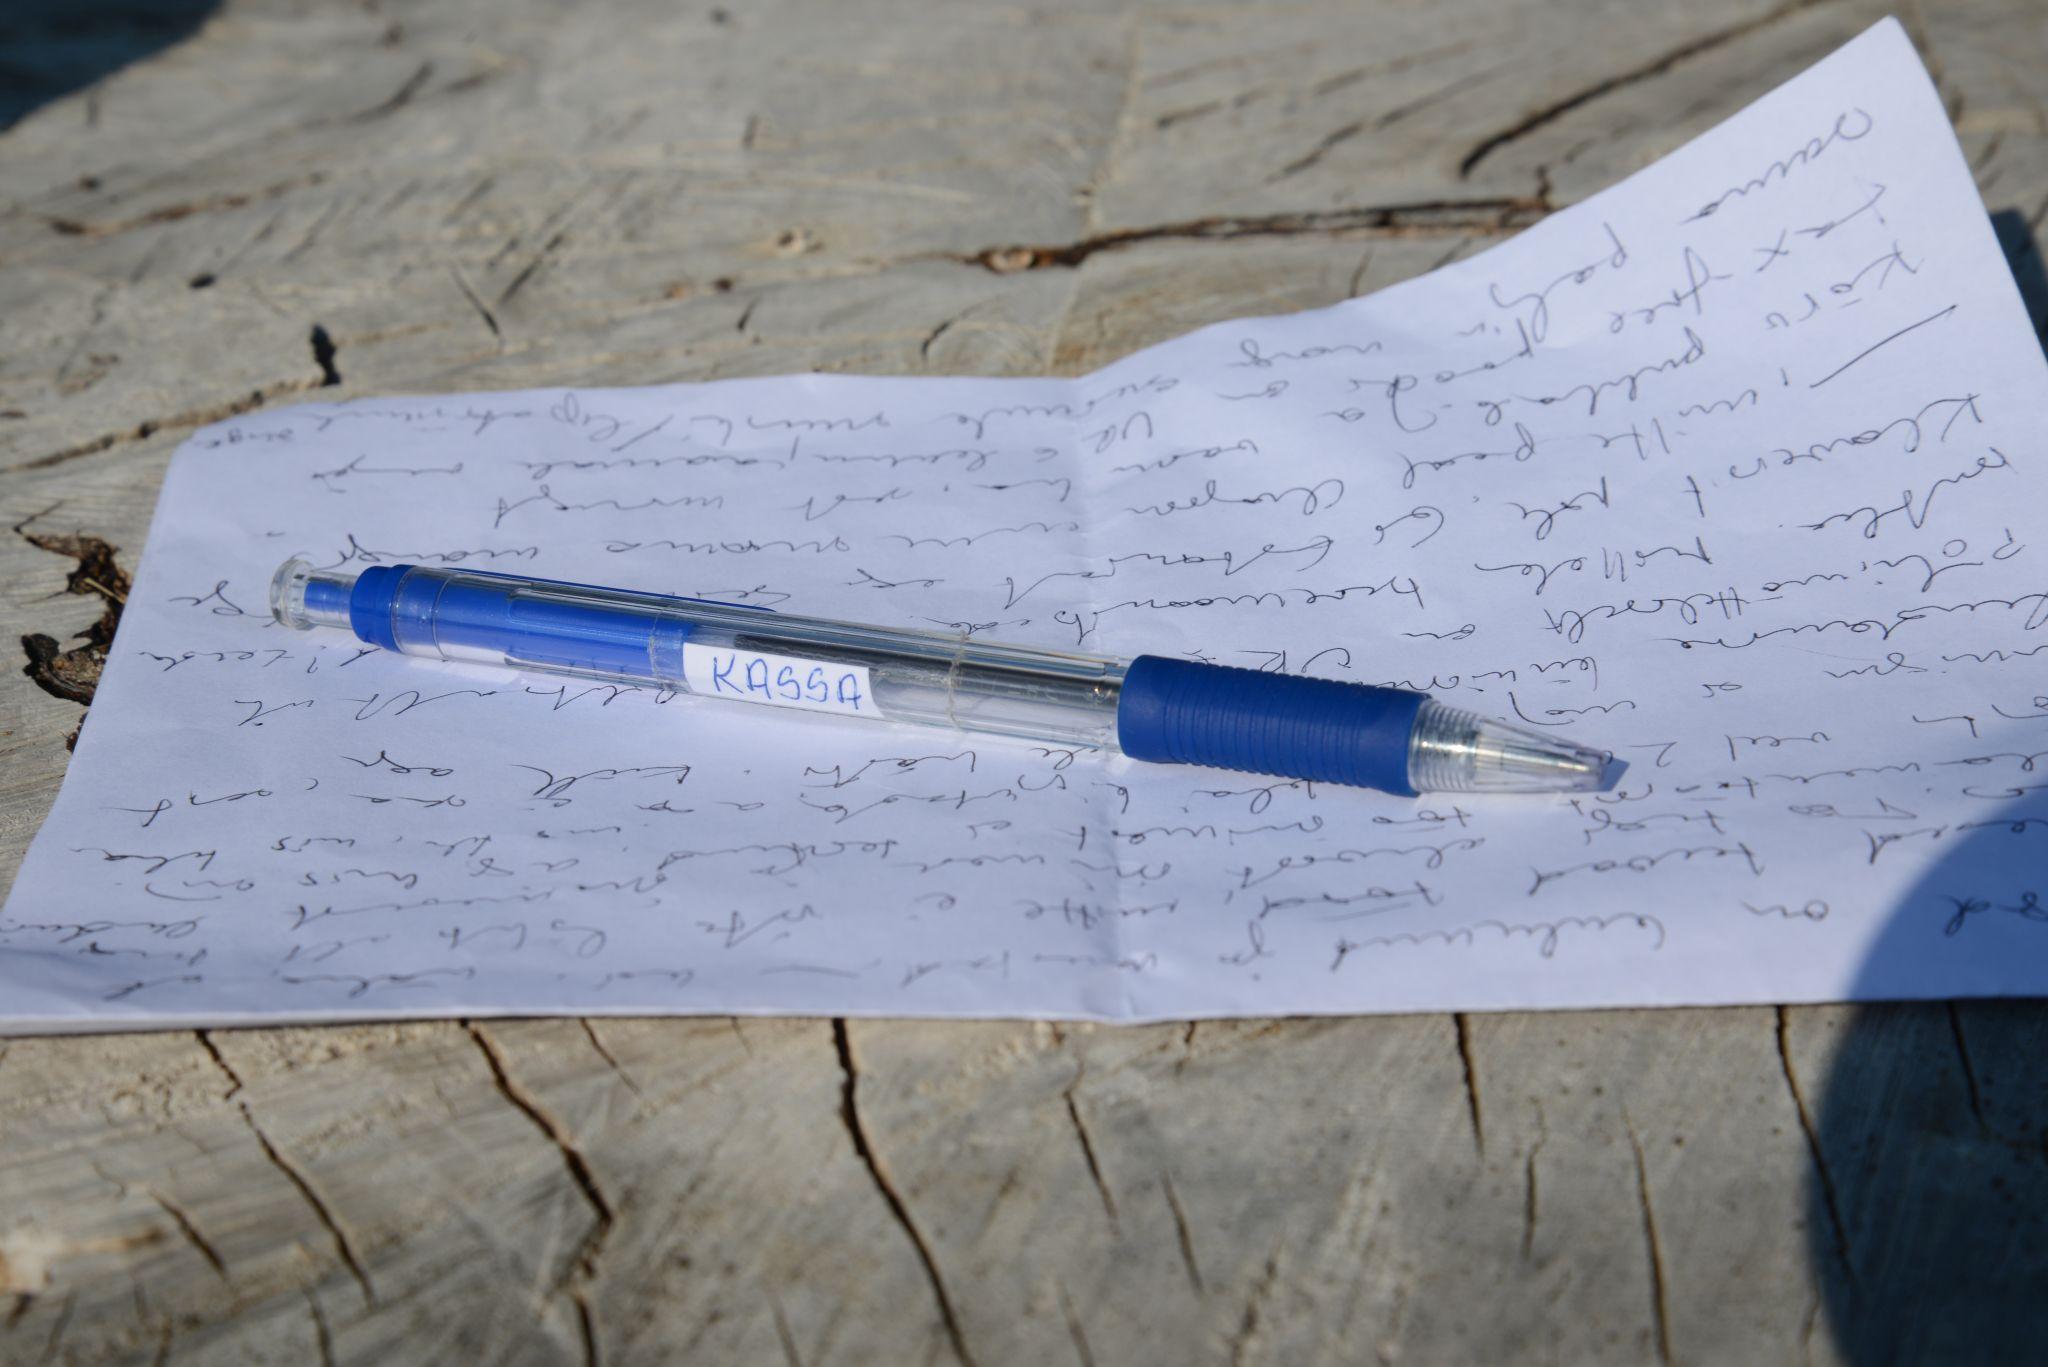 """19b47c31eee Küsin kassast laenuks pastaka. Et märkmeid teha. Saangi. Sellel on silt  """"KASSA"""". Saare värk. Oleks ma paati küsinud, oleksin ilmselt selle ka  saanud ..."""